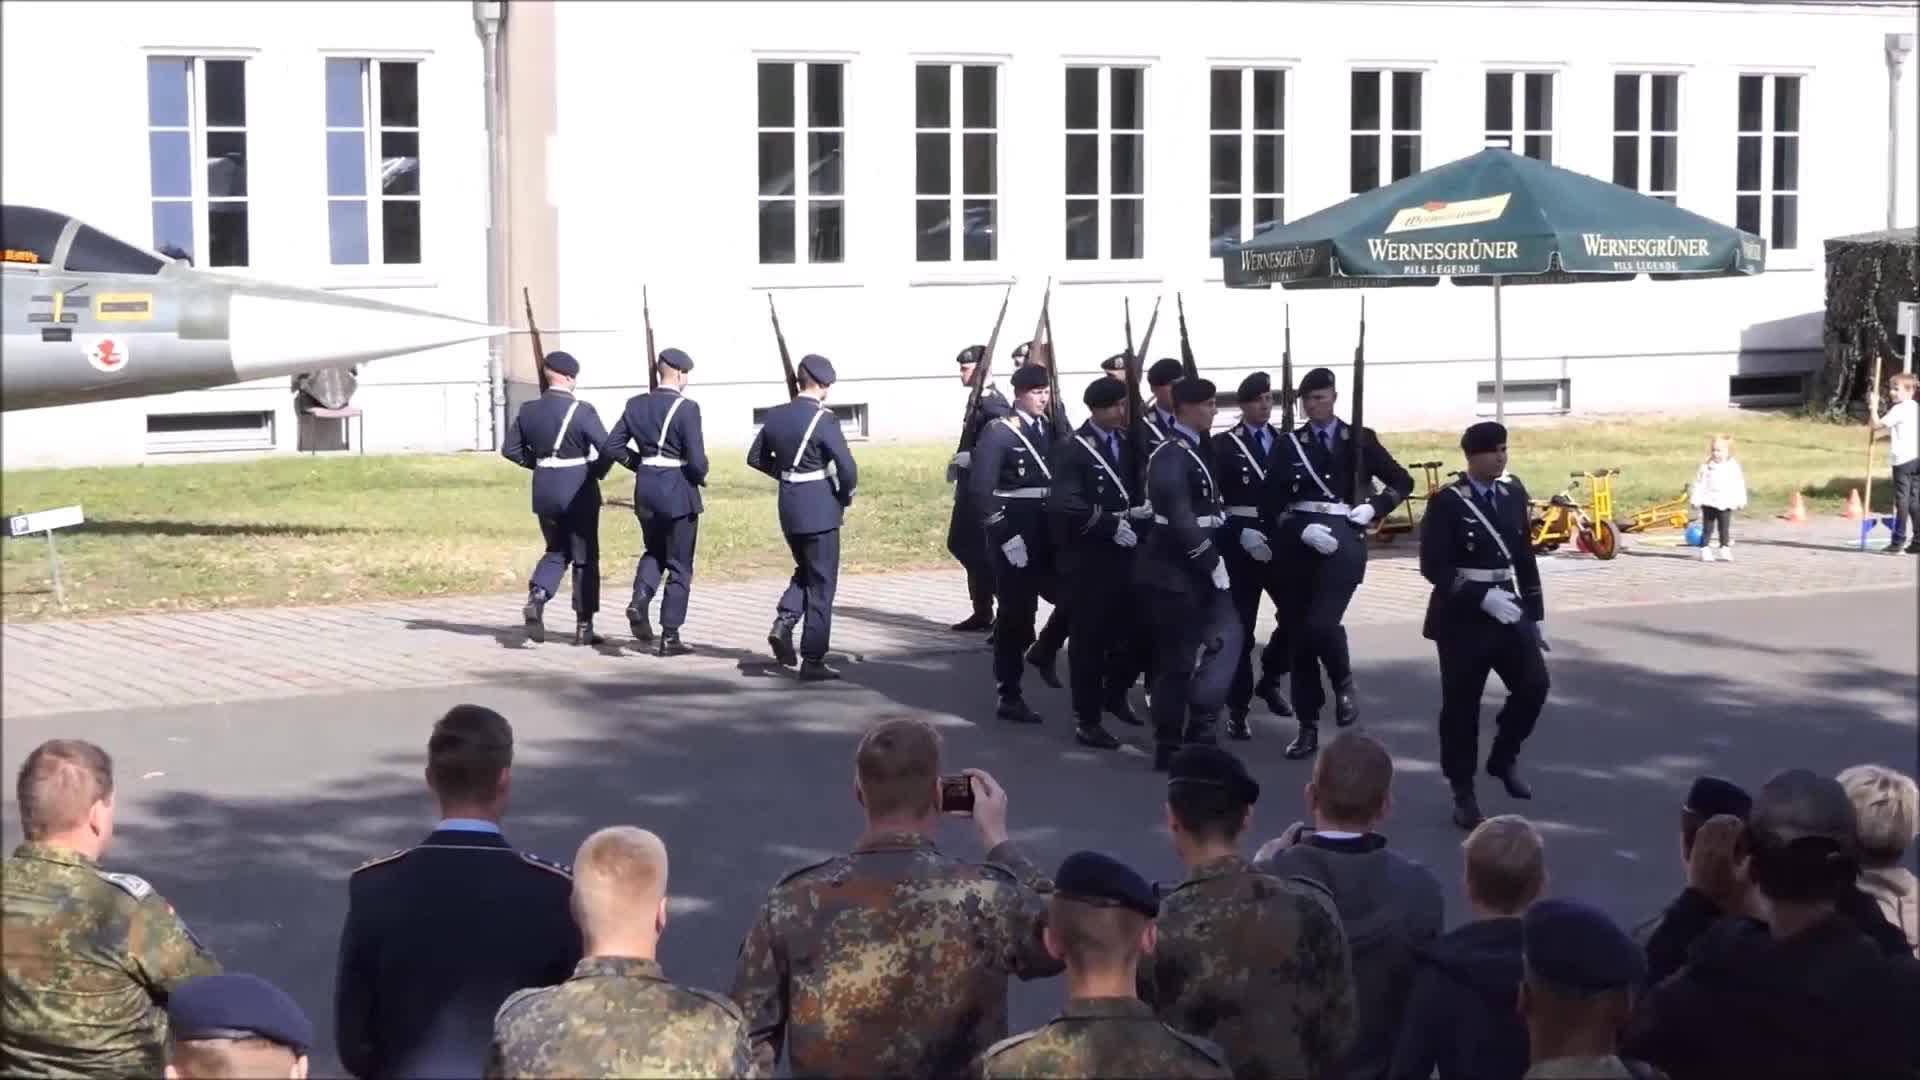 德国仪仗队彩排,花式表演很精彩,当然与咱们相比还有很大差距!